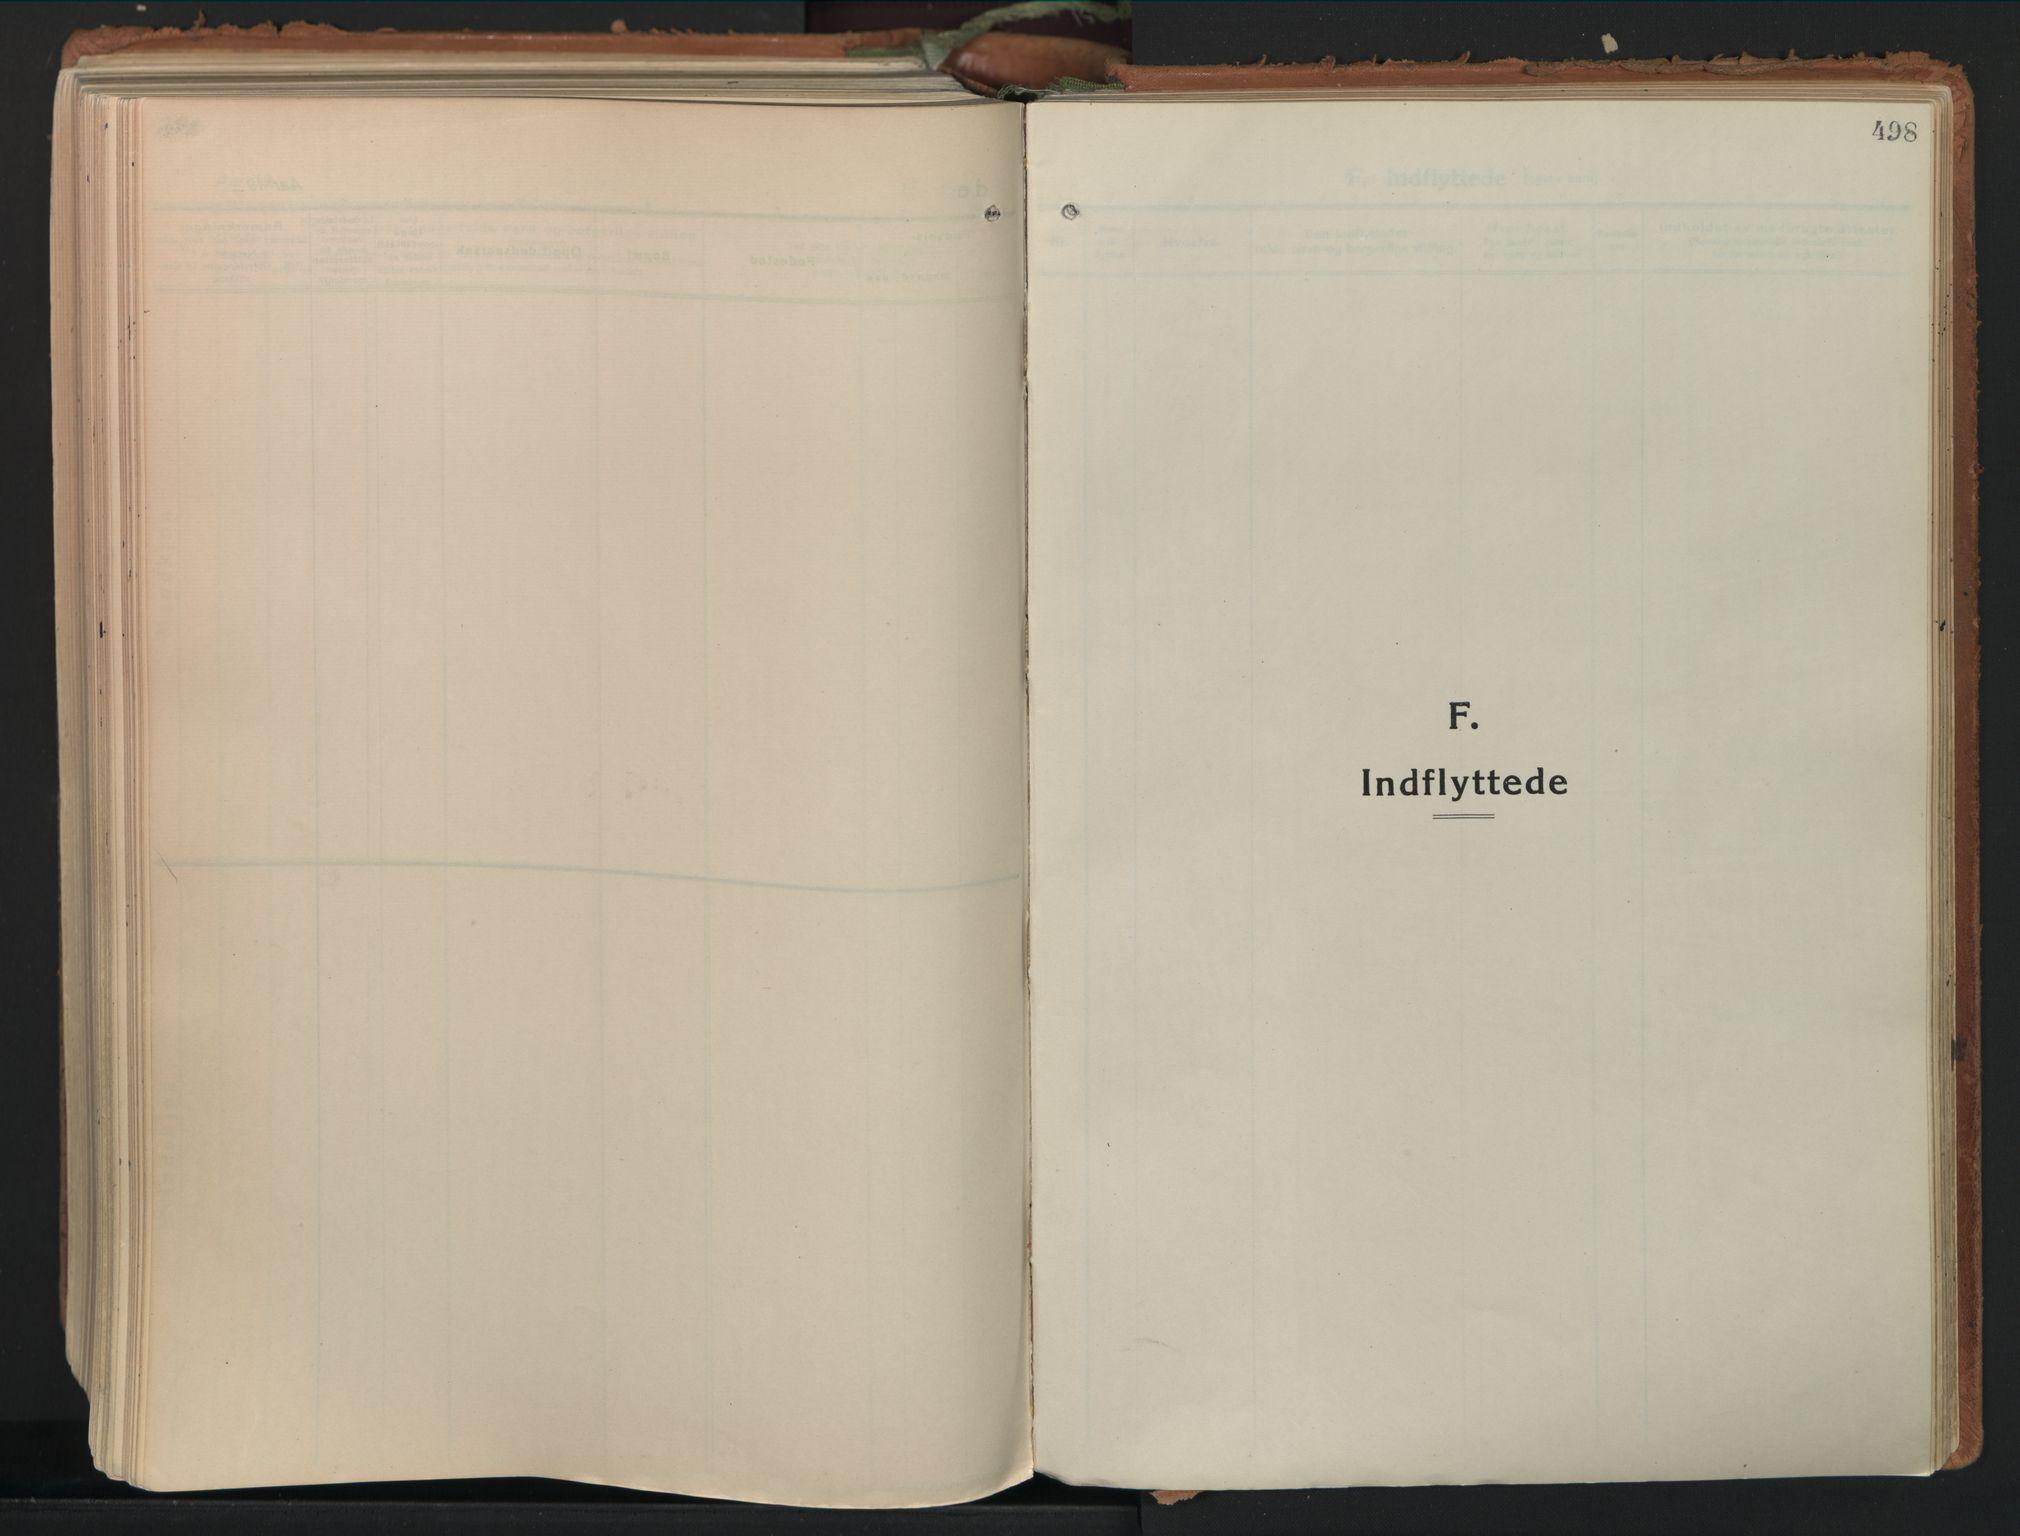 SAO, Moss prestekontor Kirkebøker, F/Fb/Fab/L0006: Ministerialbok nr. II 6, 1924-1932, s. 498